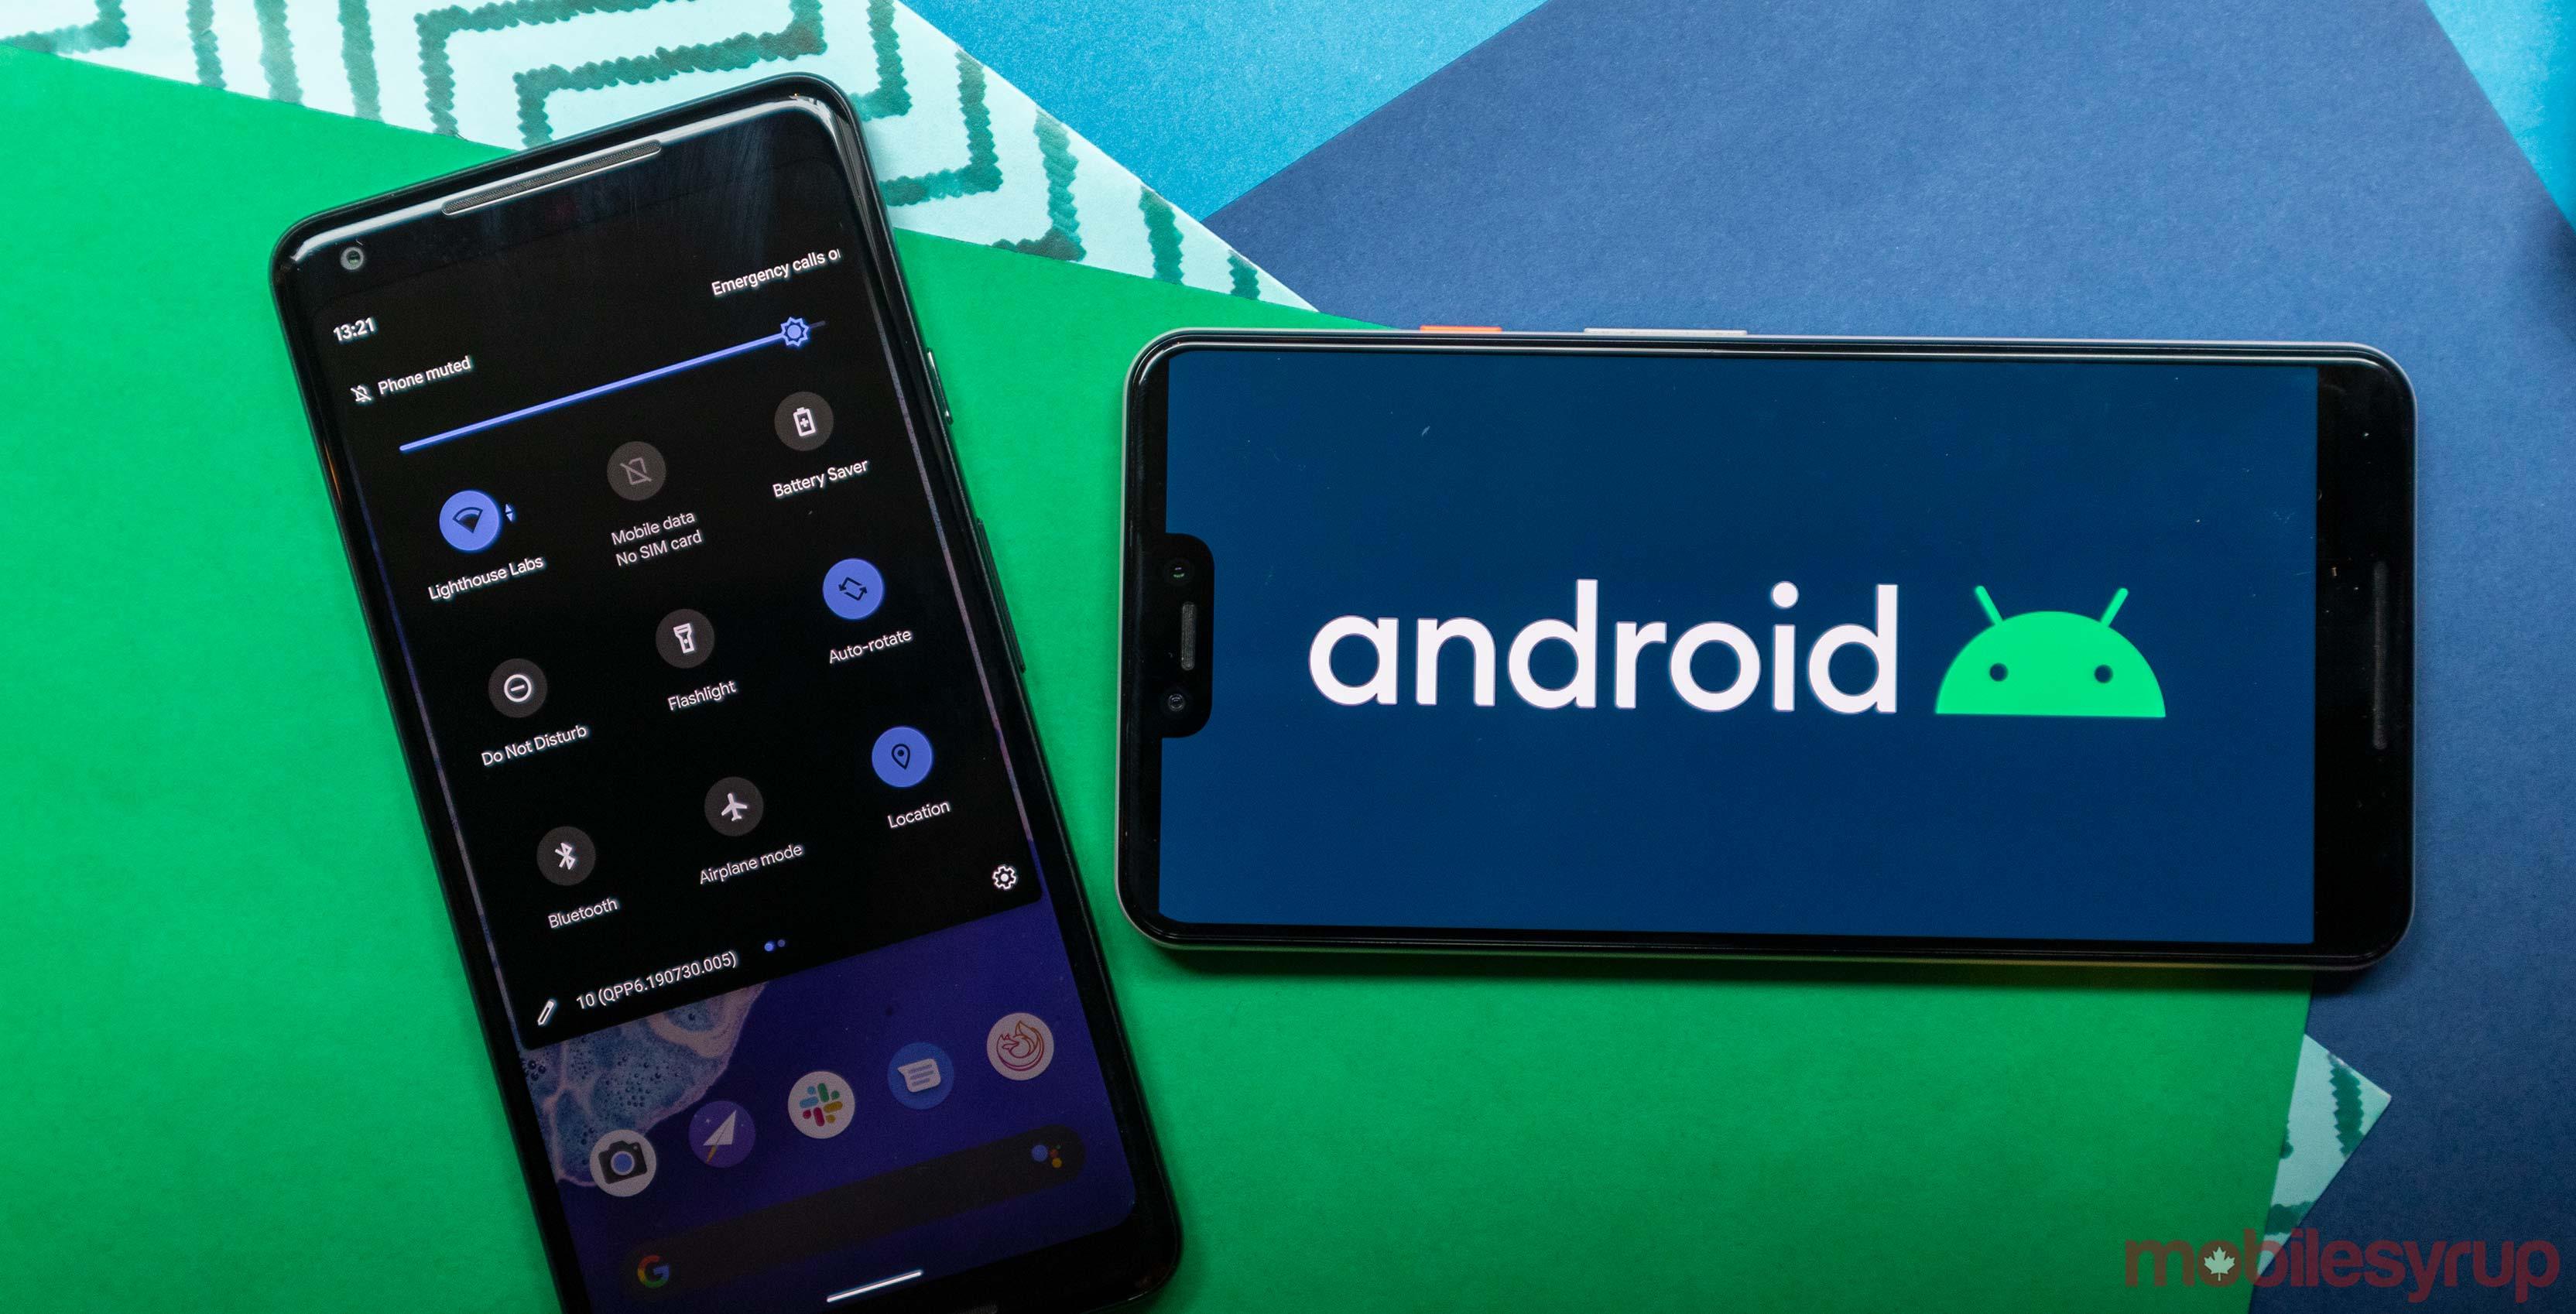 بروز رسانی اندروید 10 به صورت OTA برای گوشی میت 20 پرو قابل دریافت است | سایت چیکاو